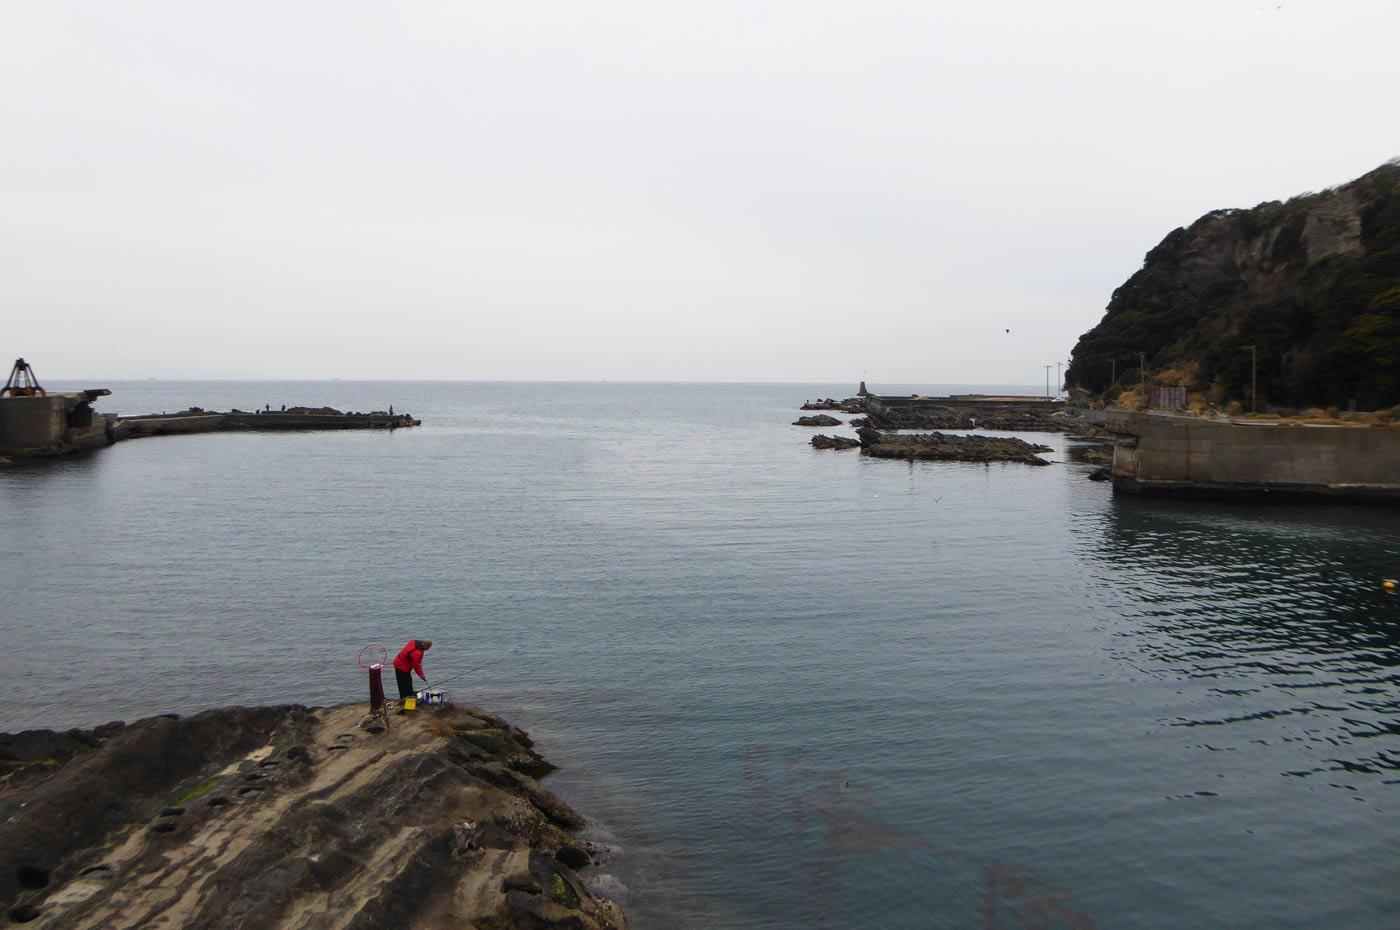 岩井袋港内の岩場